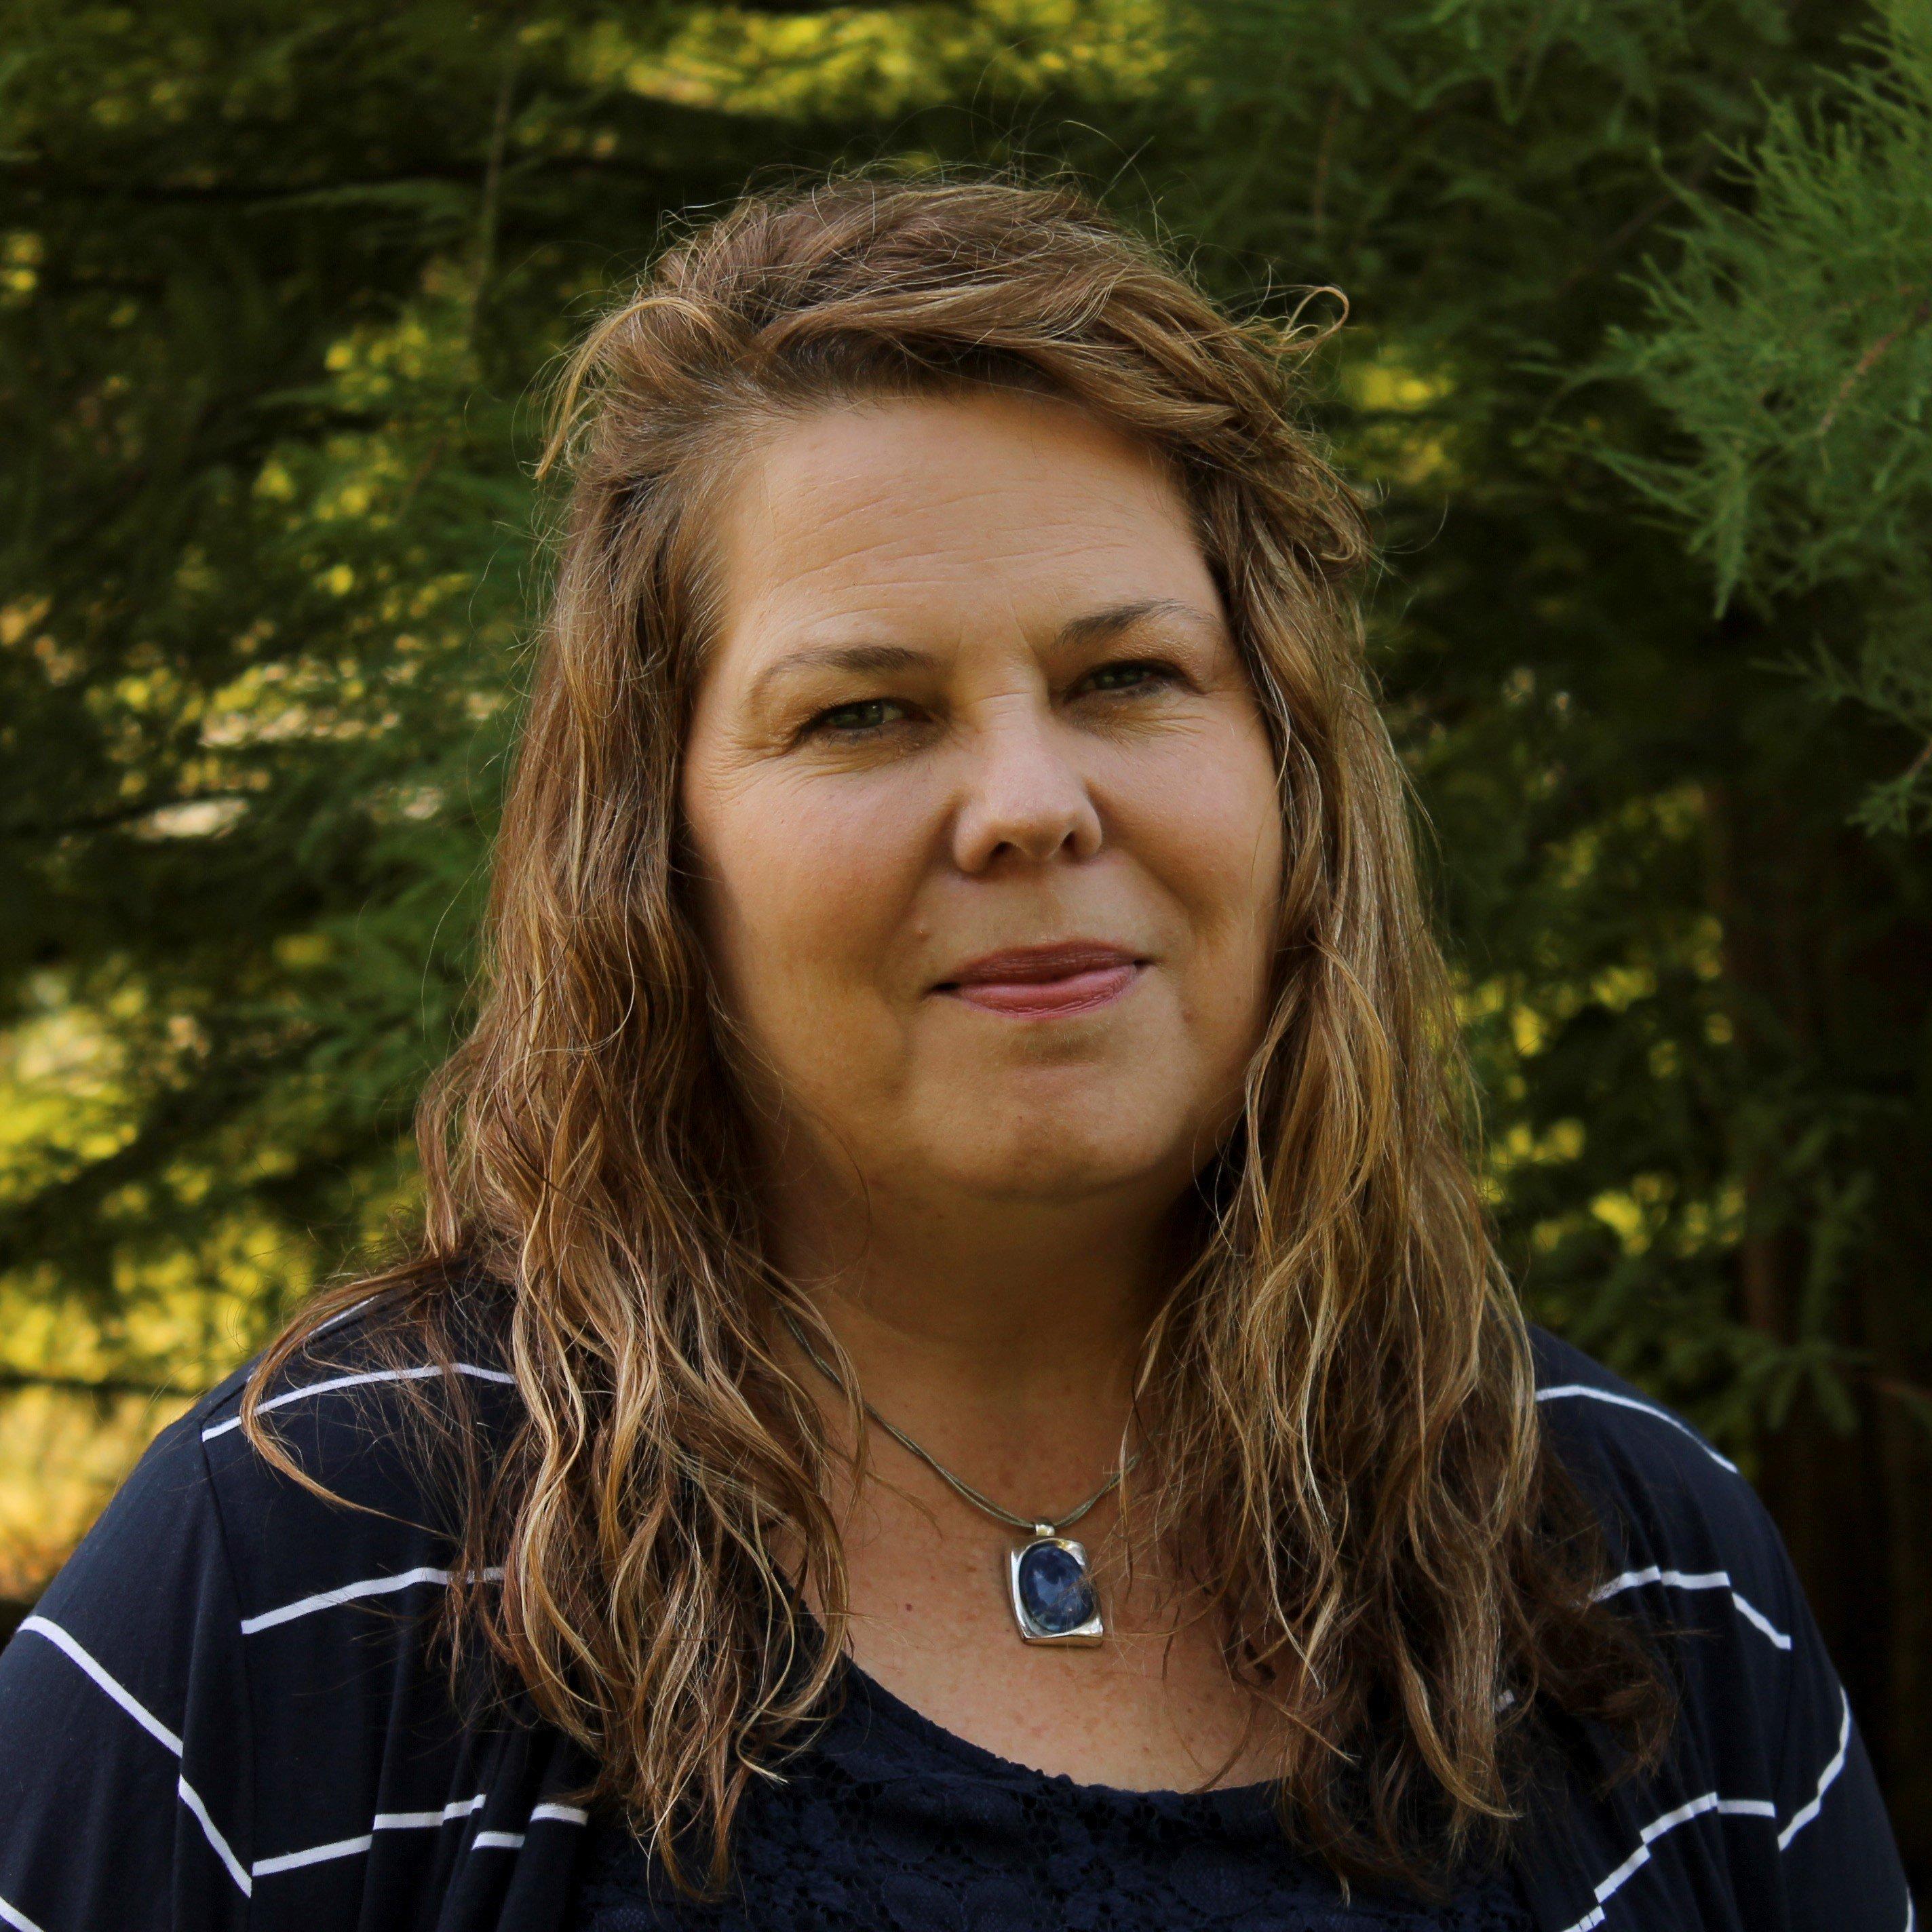 Joleen Steel - Explorers II (Kindergarten) teacher at Clapham School